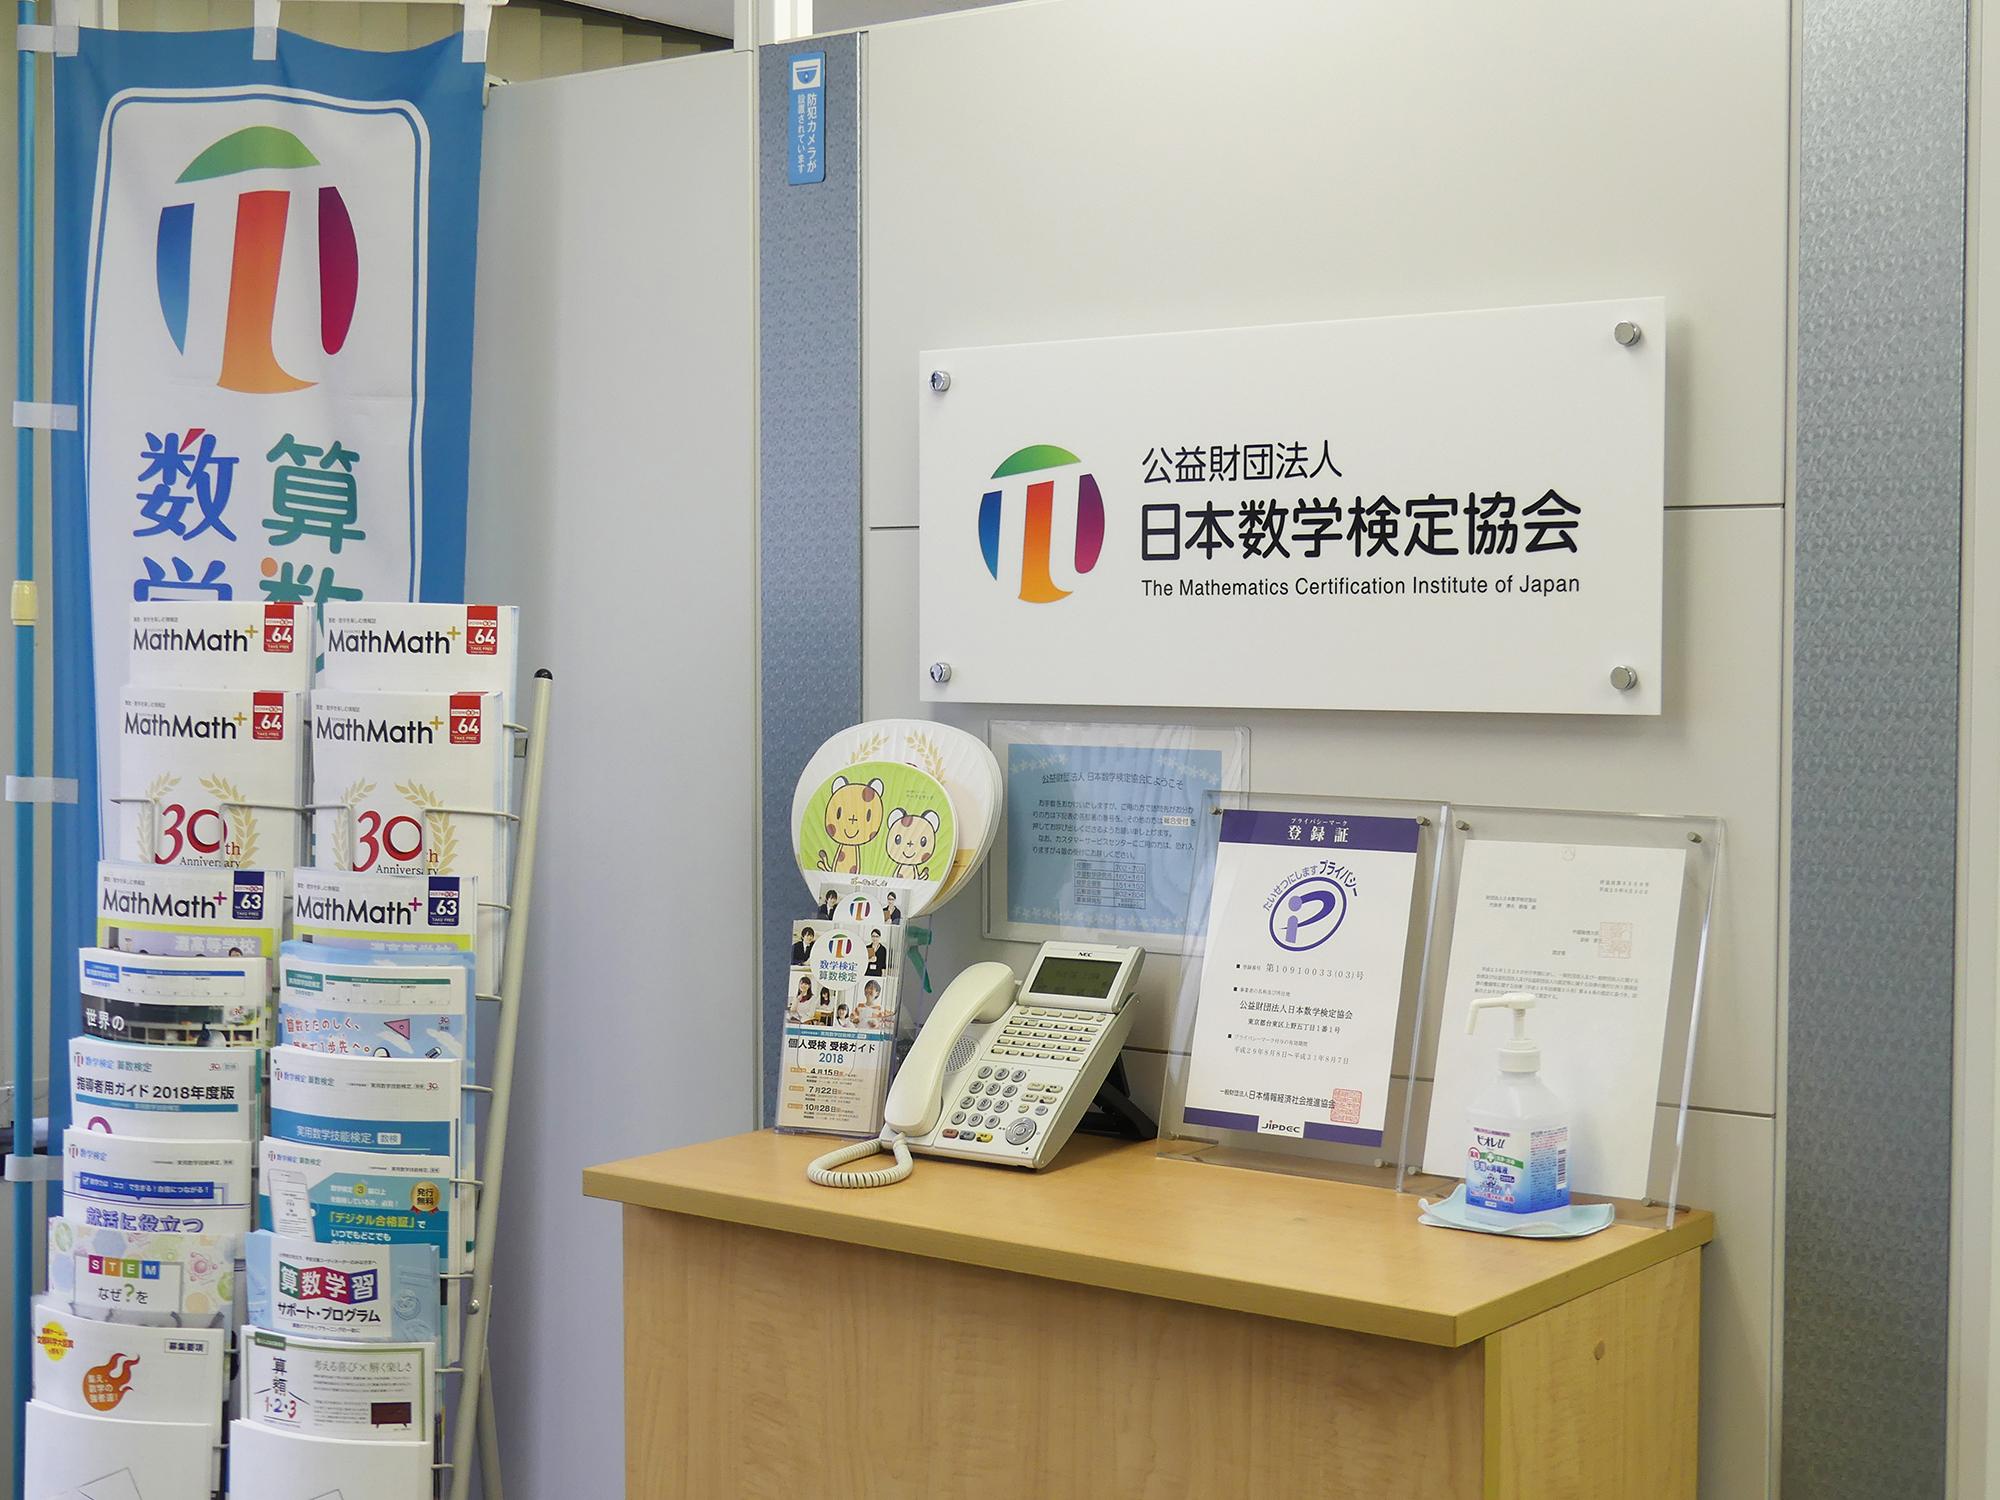 公益財団法人 日本数学検定協会